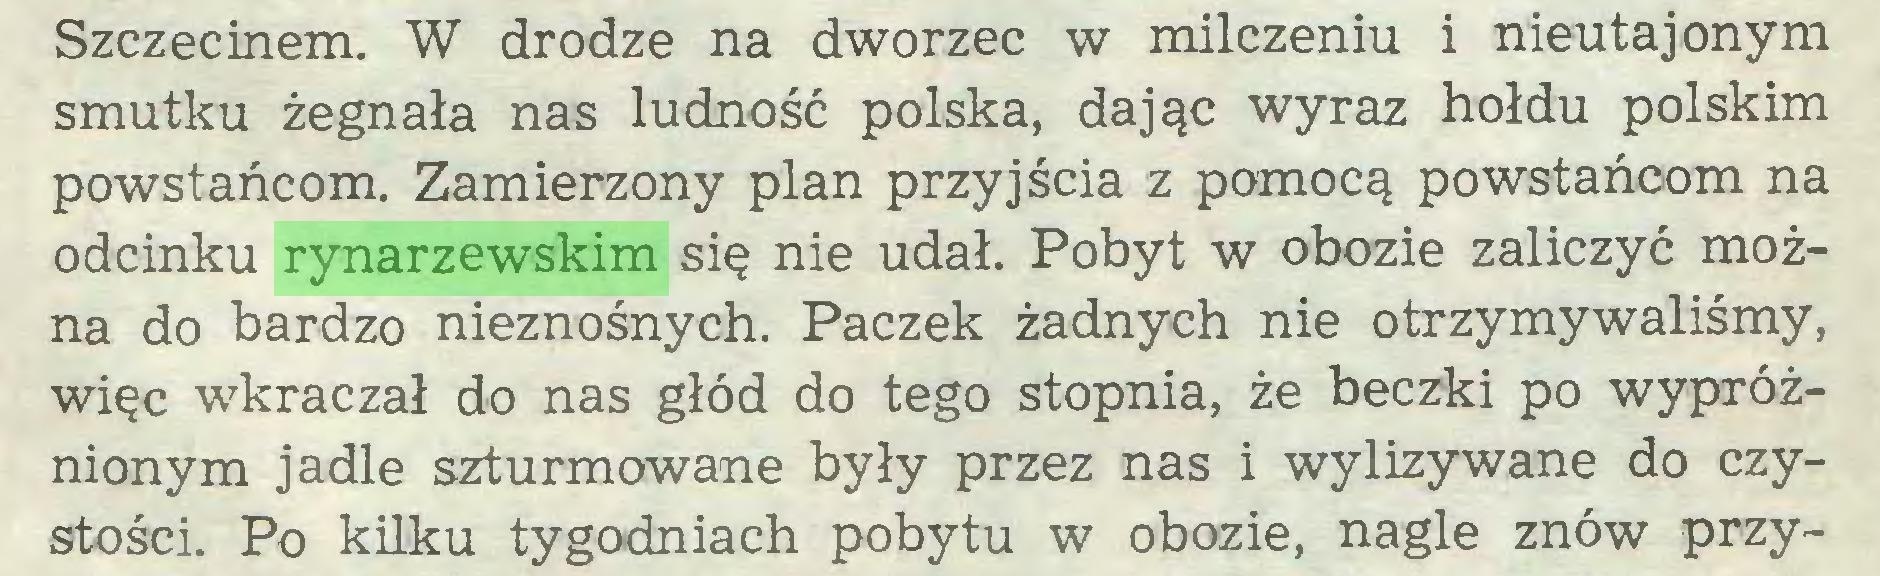 (...) Szczecinem. W drodze na dworzec w milczeniu i nieutajonym smutku żegnała nas ludność polska, dając wyraz hołdu polskim powstańcom. Zamierzony plan przyjścia z pomocą powstańcom na odcinku rynarzewskim się nie udał. Pobyt w obozie zaliczyć można do bardzo nieznośnych. Paczek żadnych nie otrzymywaliśmy, więc wkraczał do nas głód do tego stopnia, że beczki po wypróżnionym jadle szturmowane były przez nas i wylizywane do czystości. Po kilku tygodniach pobytu w obozie, nagle znów przy...